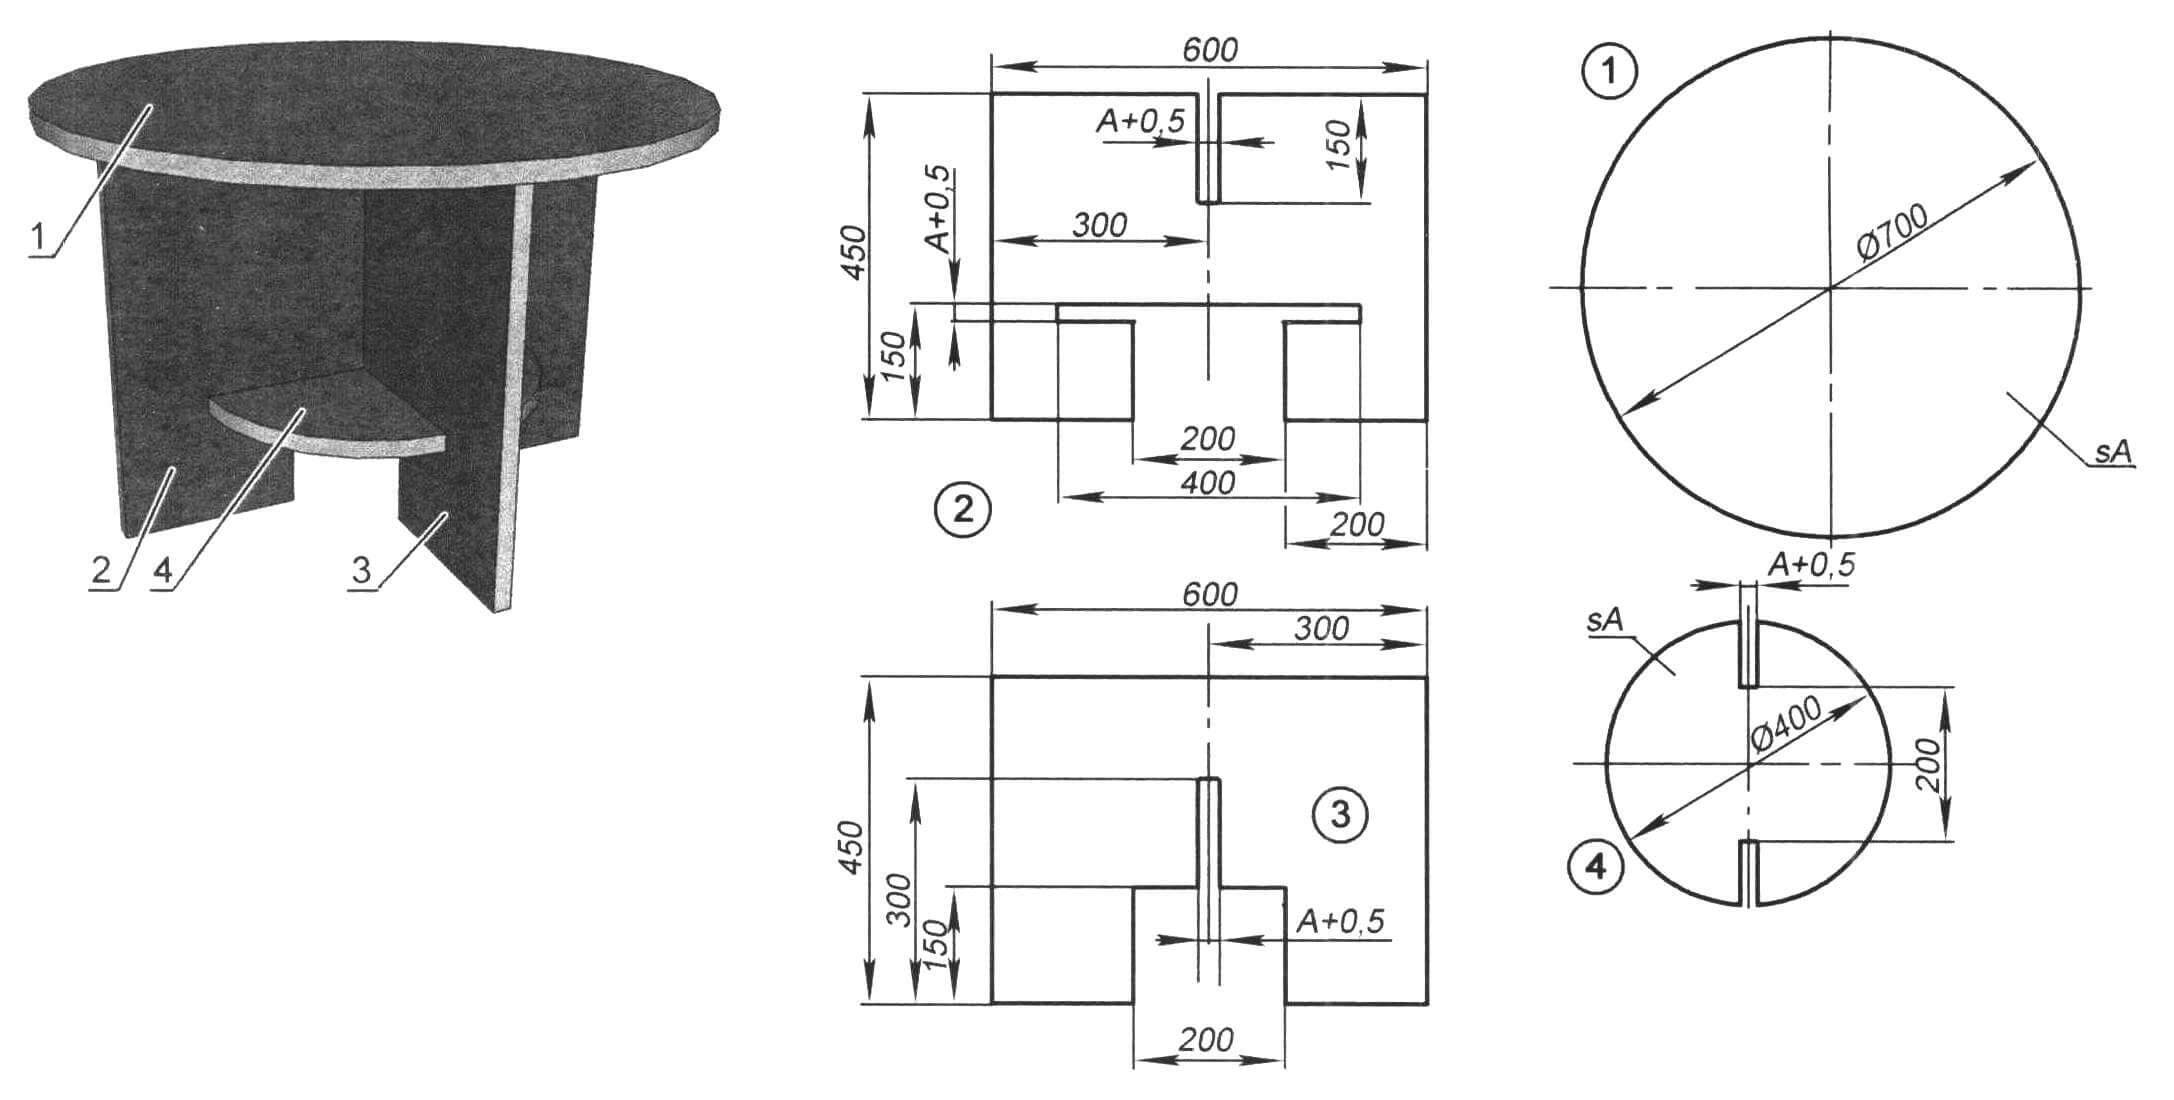 Разборный столик: 1 - столешница; 2 - «нижняя» панель основания; 3 - «верхняя» панель основания; 4 - вставная полочка. А - толщина материала